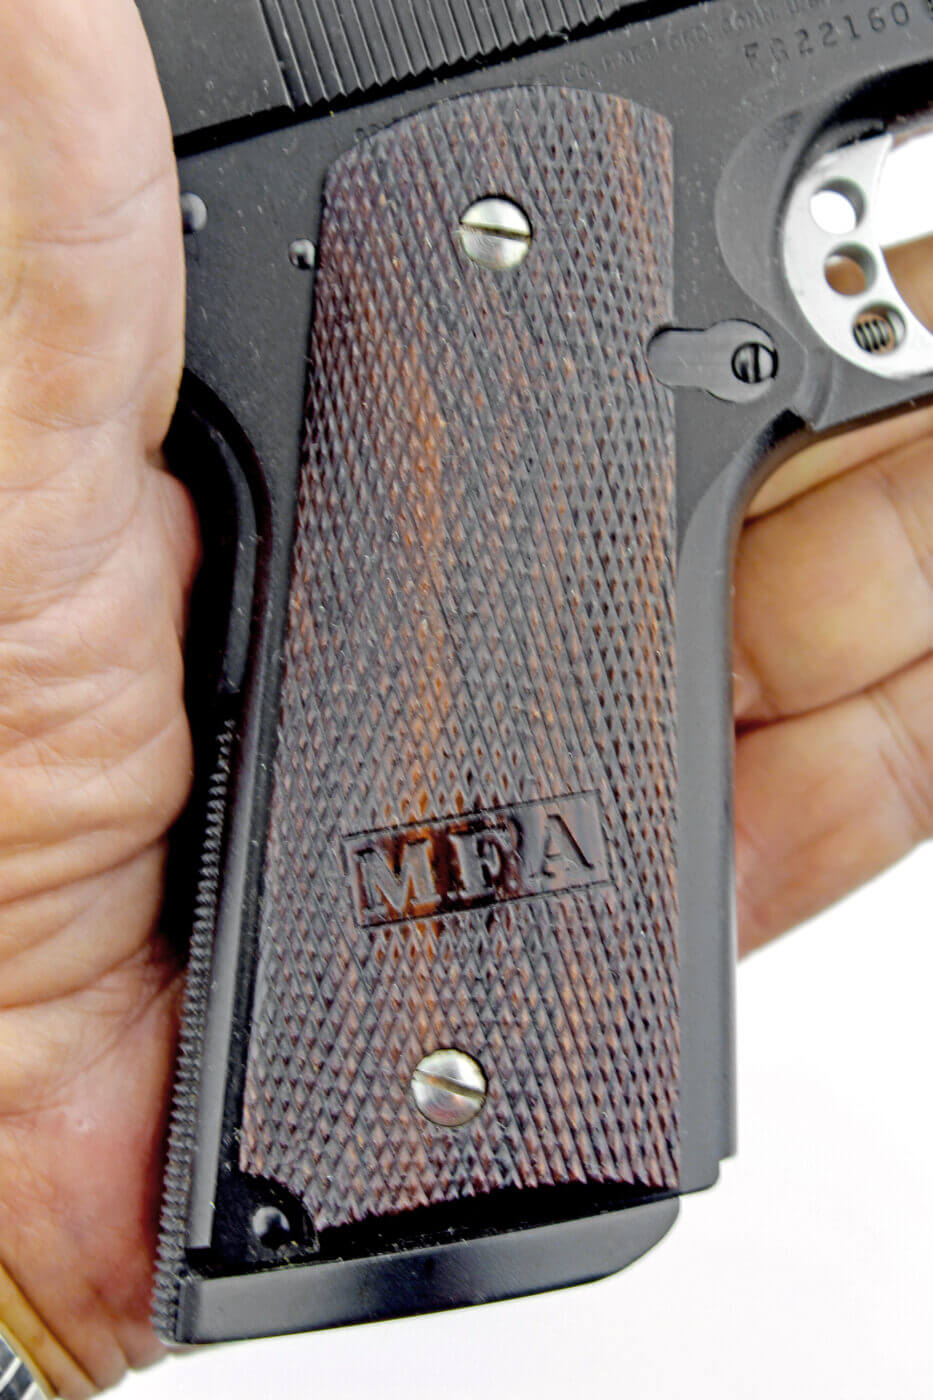 Initials on gun grips